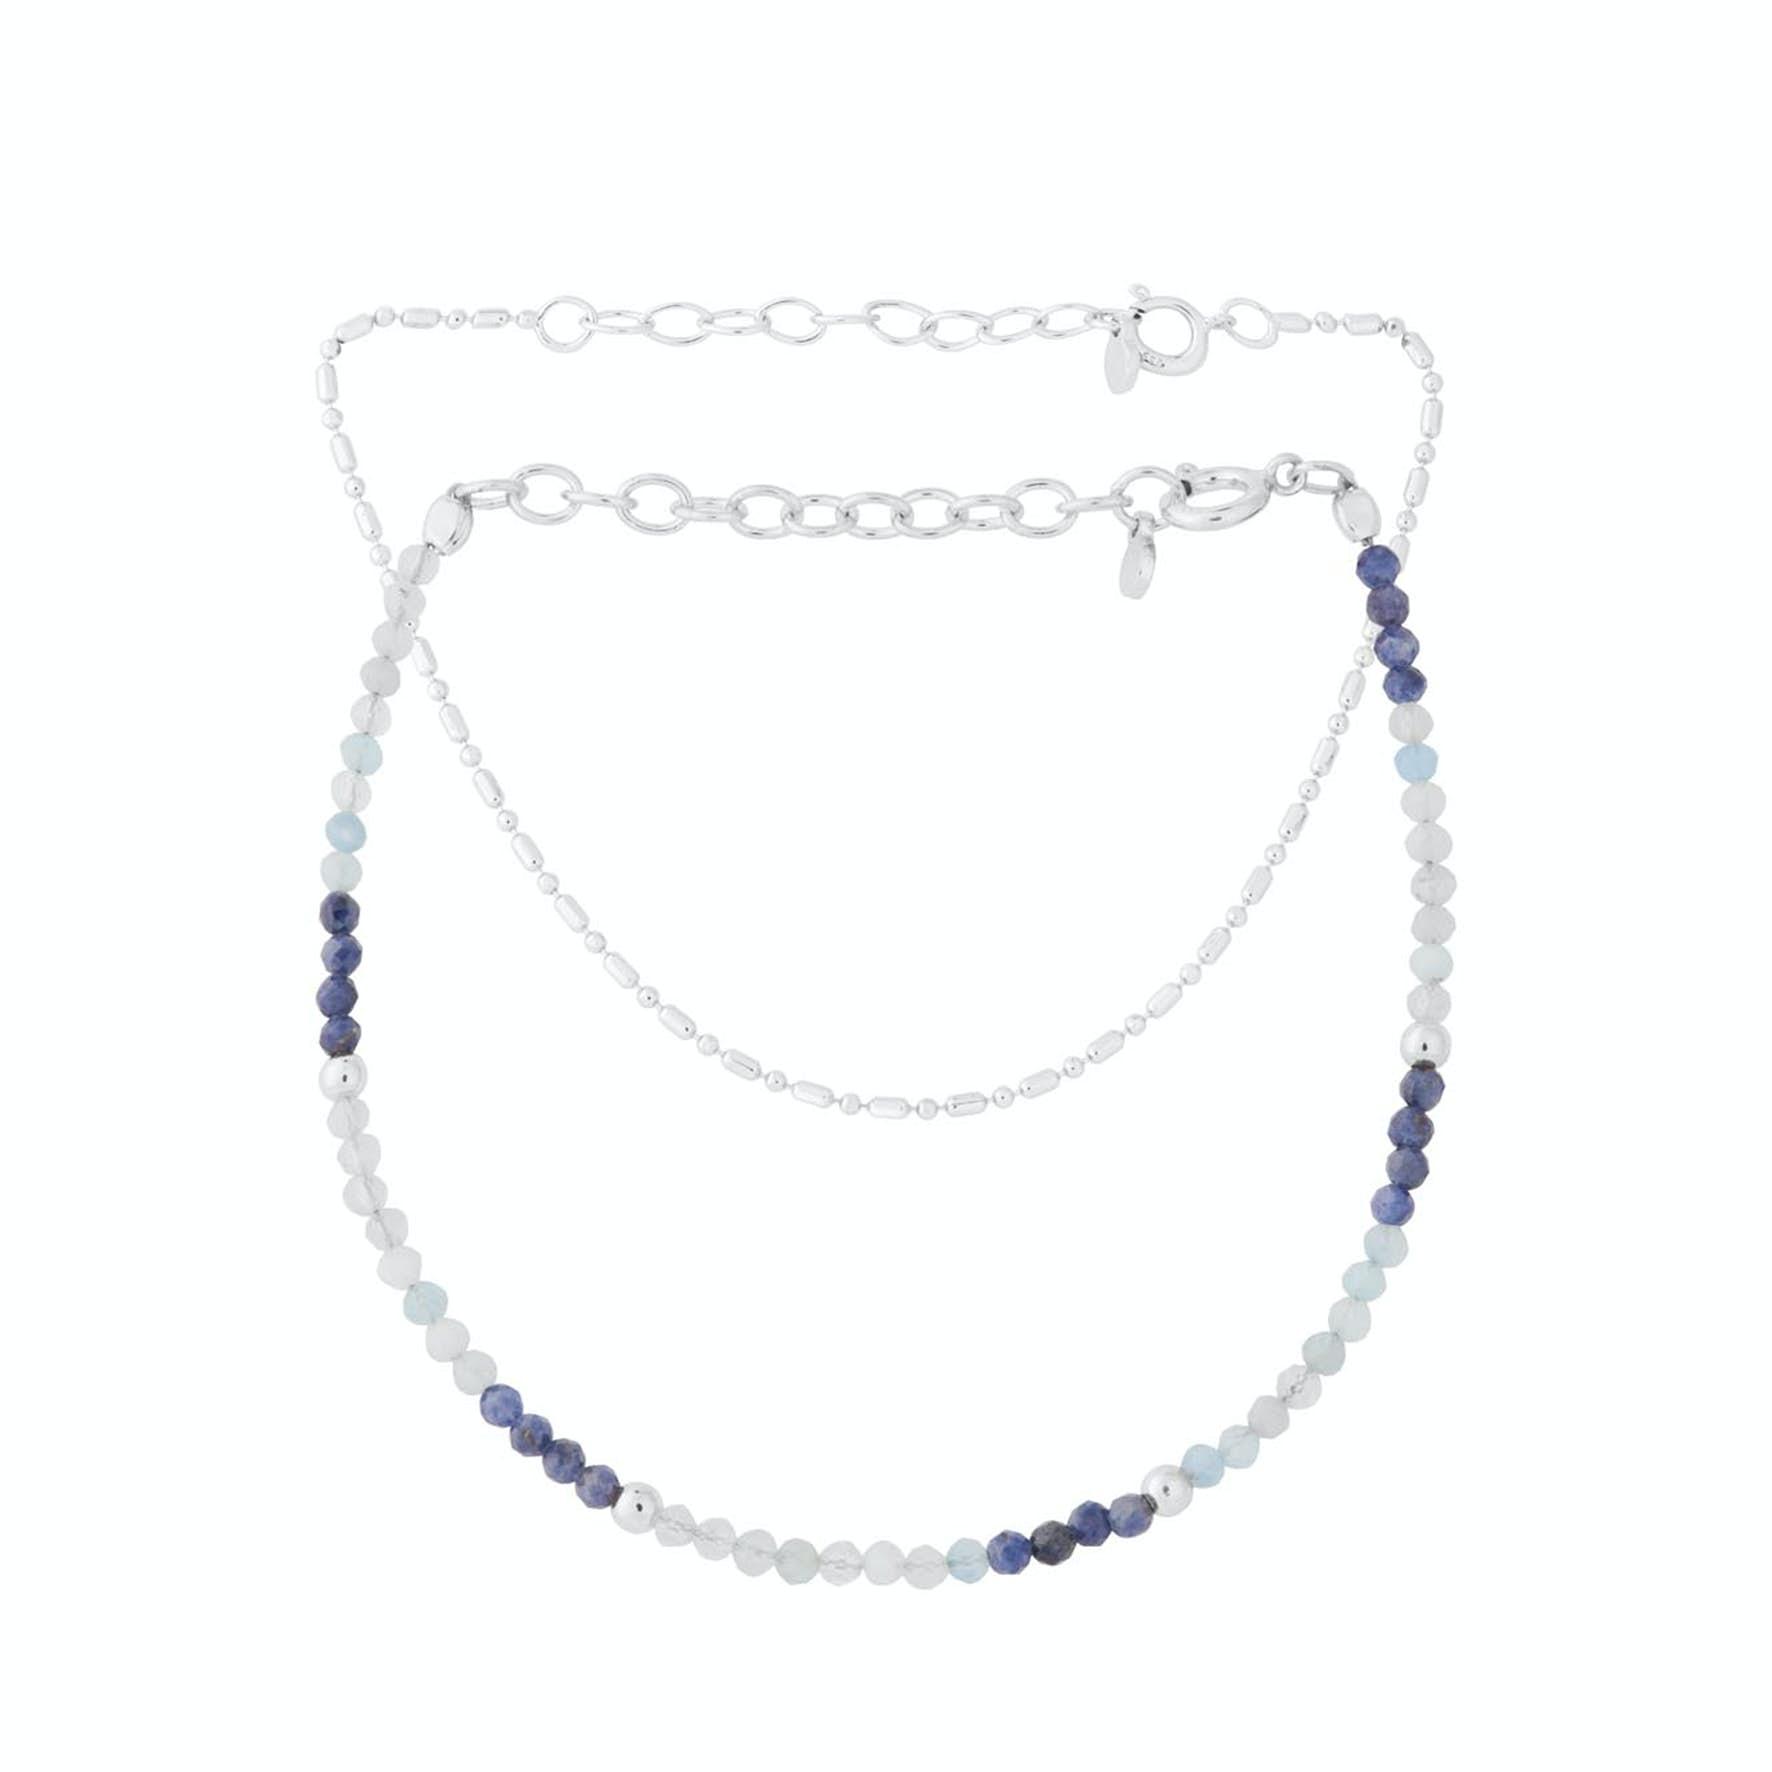 Dream Bracelet Box fra Pernille Corydon i Sølv Sterling 925